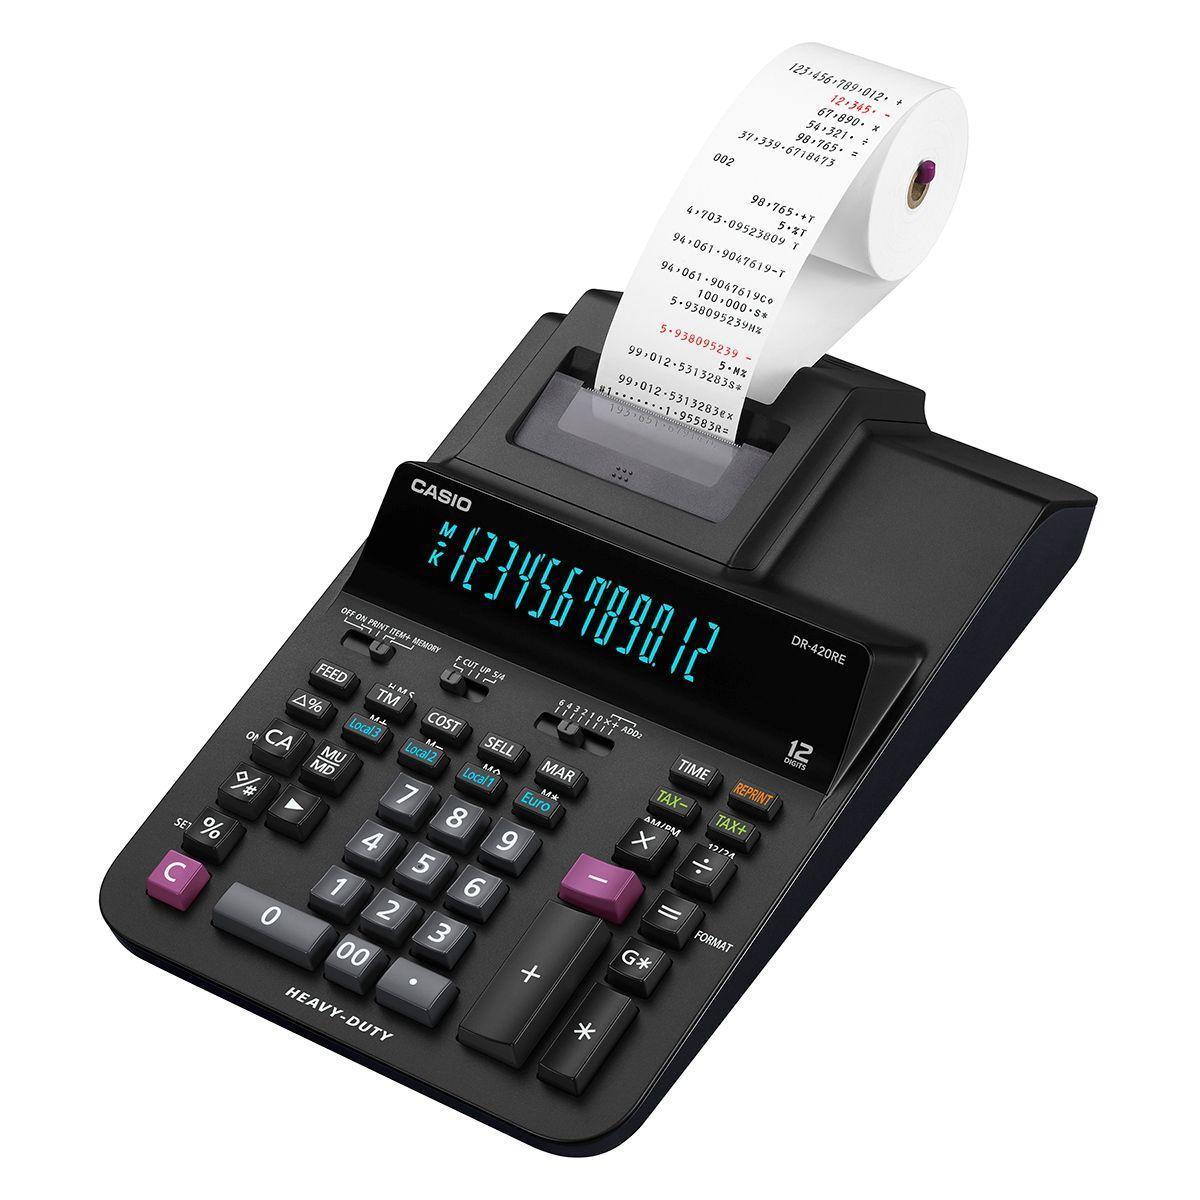 Calculatrice imprimante casio dr-420re - 20% de remise imm�diate avec le code : deal20 (photo)